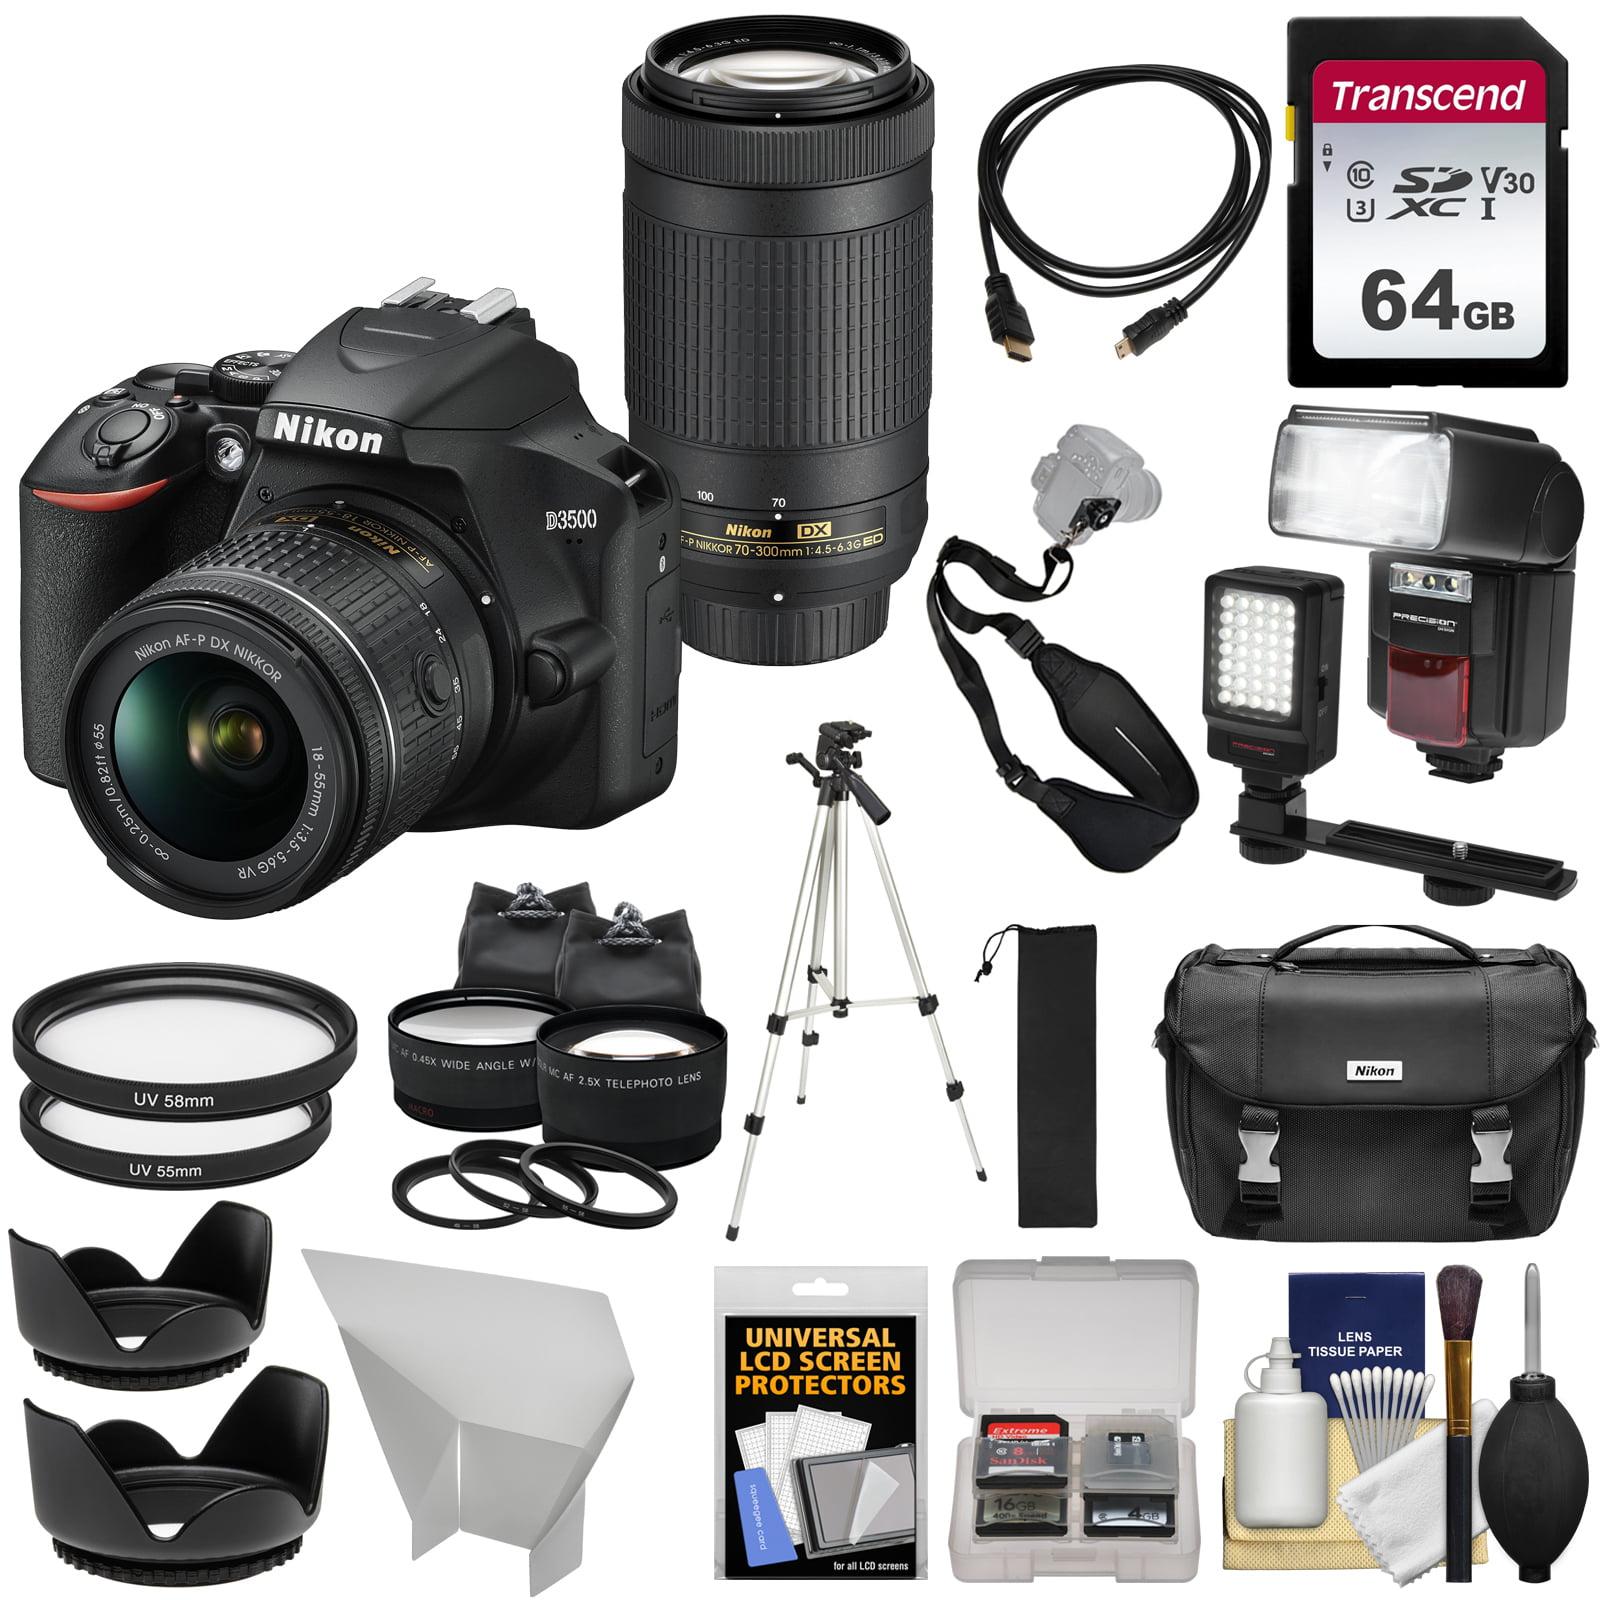 Nikon D3500 Digital SLR Camera + 18-55mm VR + 70-300mm DX AF-P Lenses with 64GB Card + Case + Flash + Tripod + LED Light + 2 Lens Kit